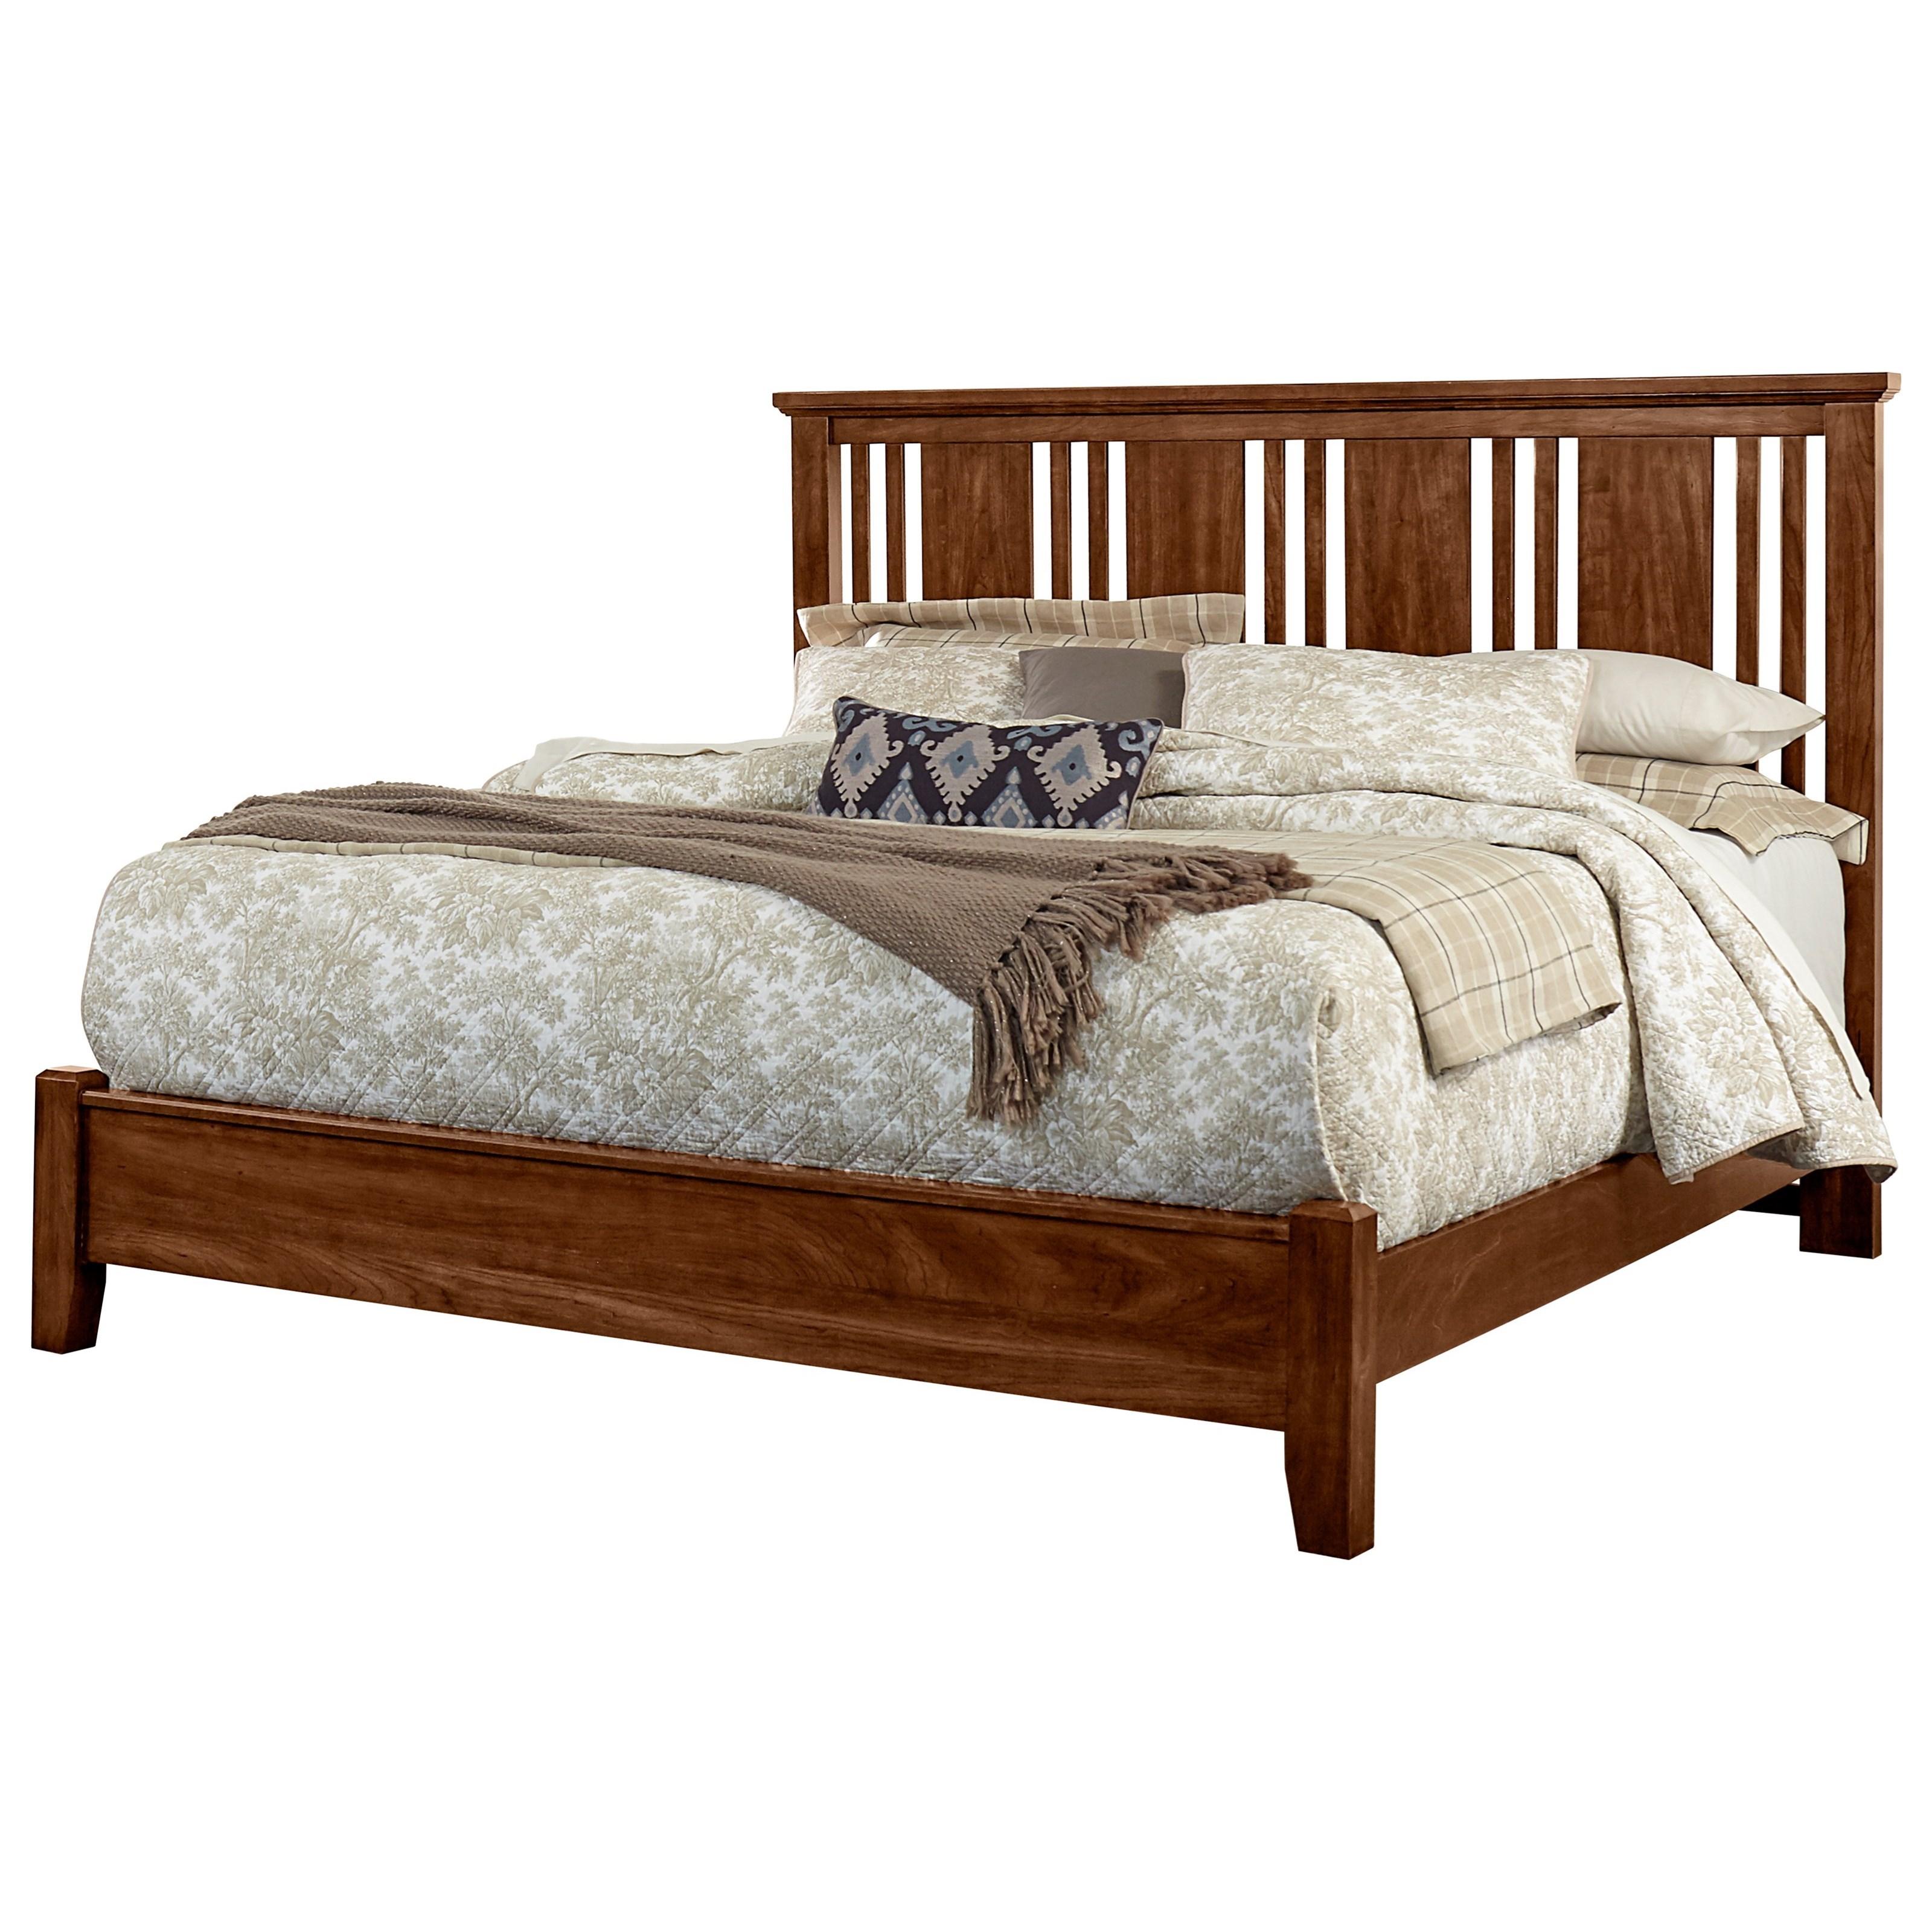 Vaughan Bassett American Cherry Queen Craftsman Bed - Item Number: 415-557+755+922